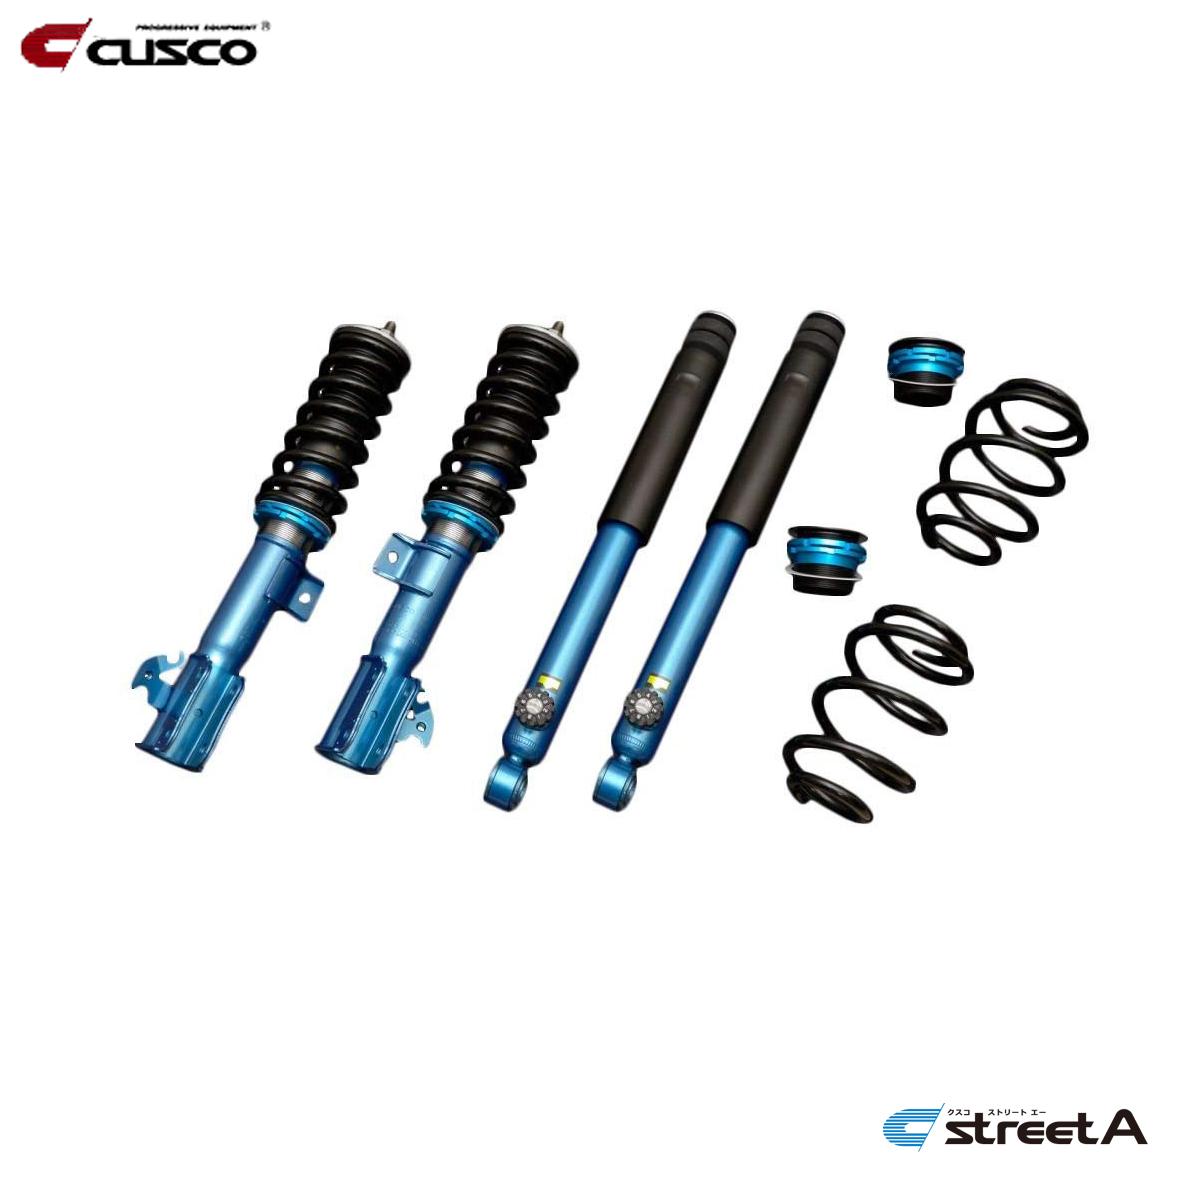 有名ブランド CUSCO 388-62J-CB 全長固定式 クスコ CUSCO フリード GB3 車高調 全長固定式 388-62J-CB, retro:7d401ee4 --- easassoinfo.bsagroup.fr